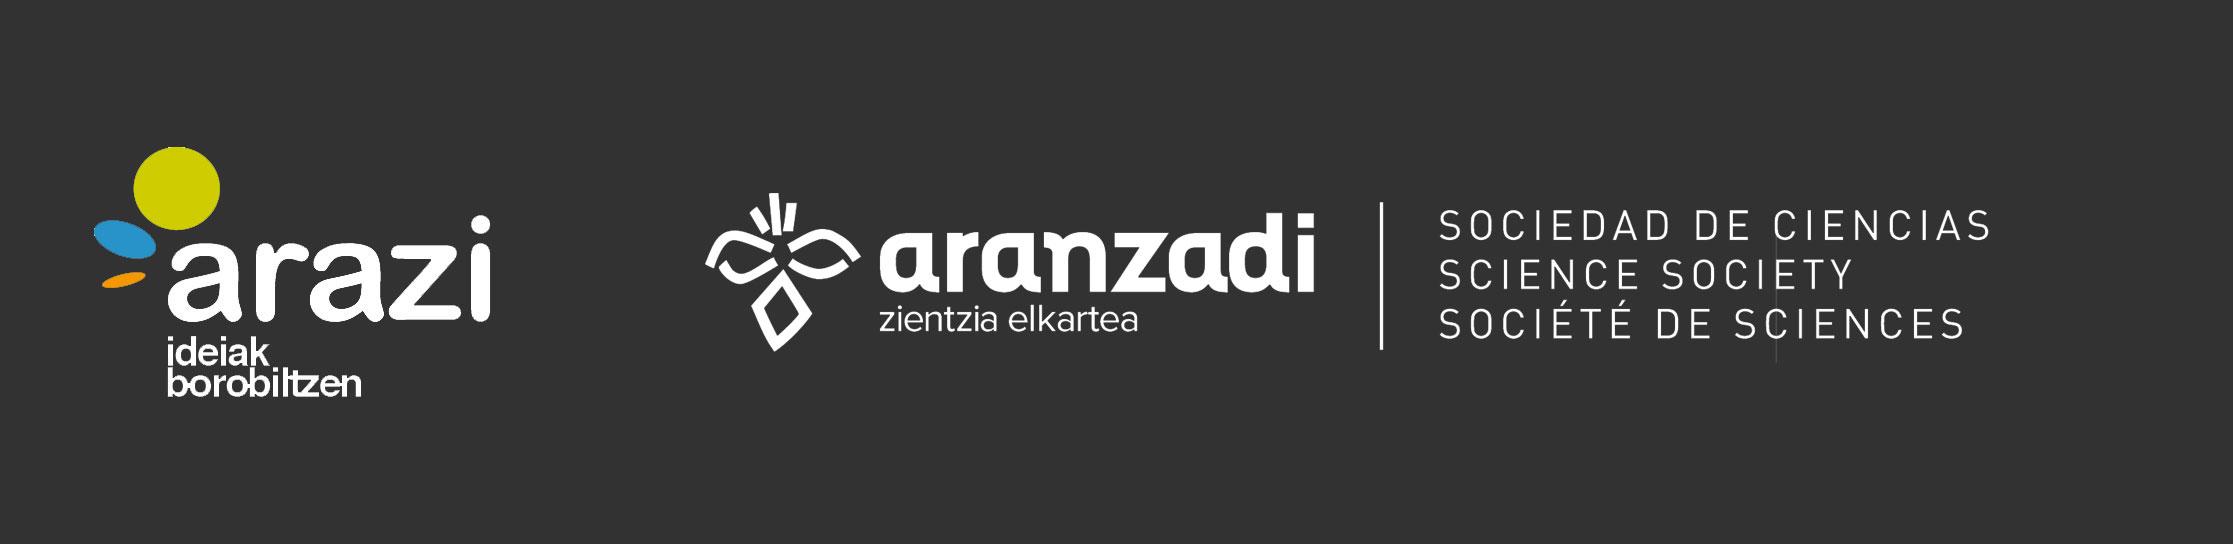 Gestión Ekainberri